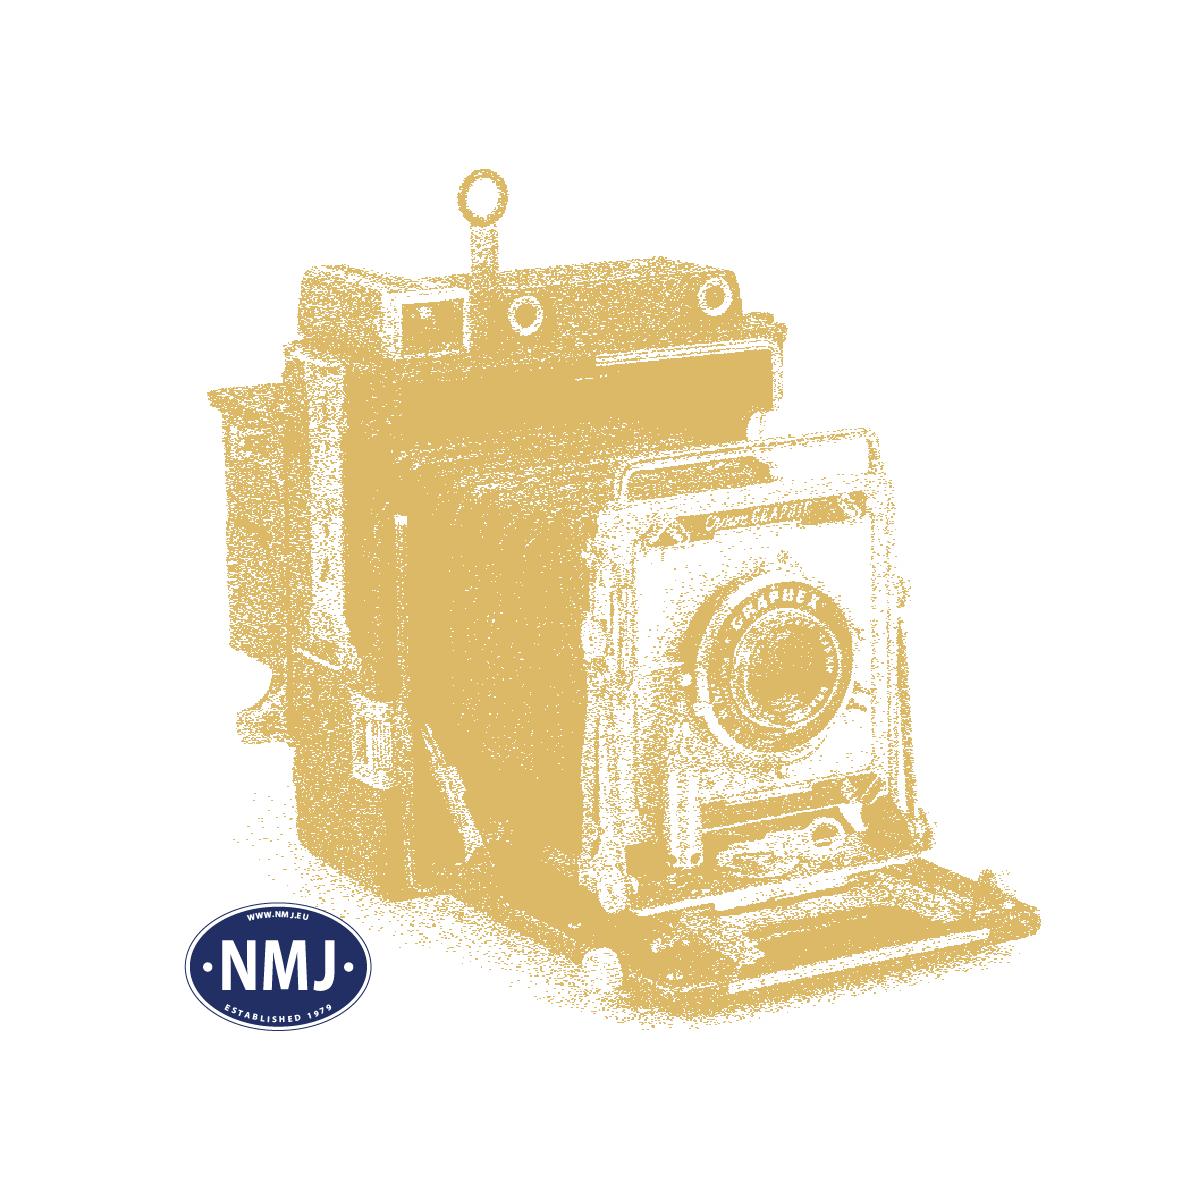 NMJT503.113 - NMJ Topline NSB Lukket Godsvogn G4 41129